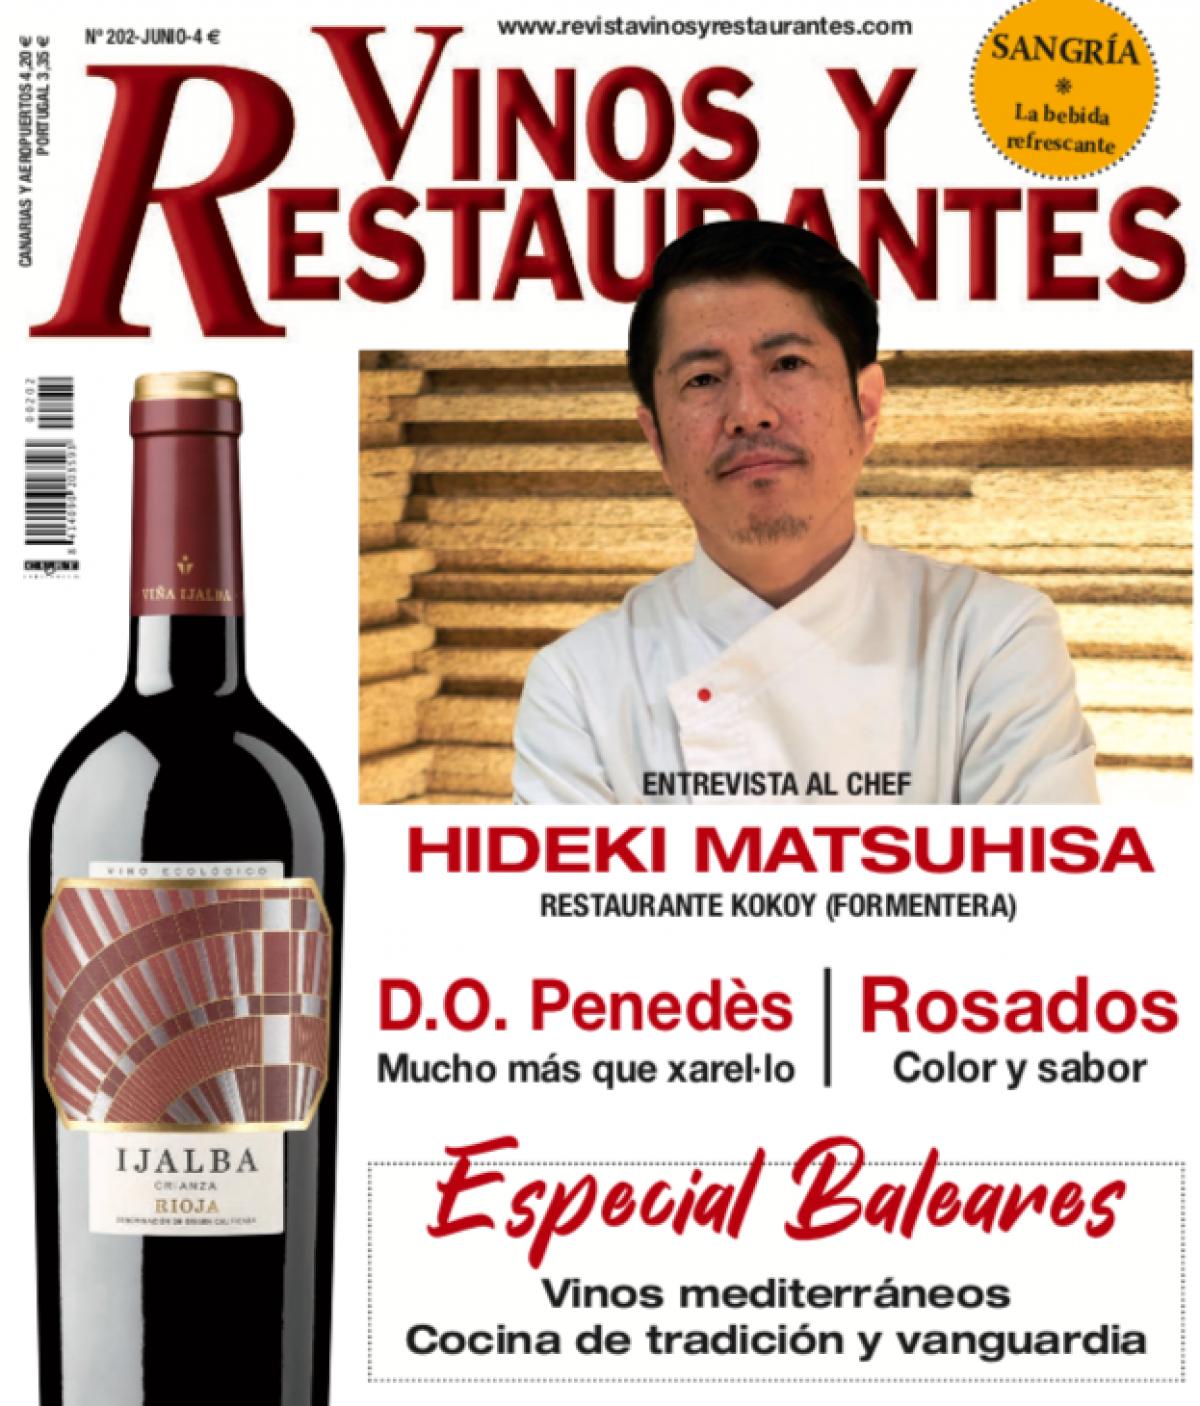 Vinos y Restaurantes especial Balears